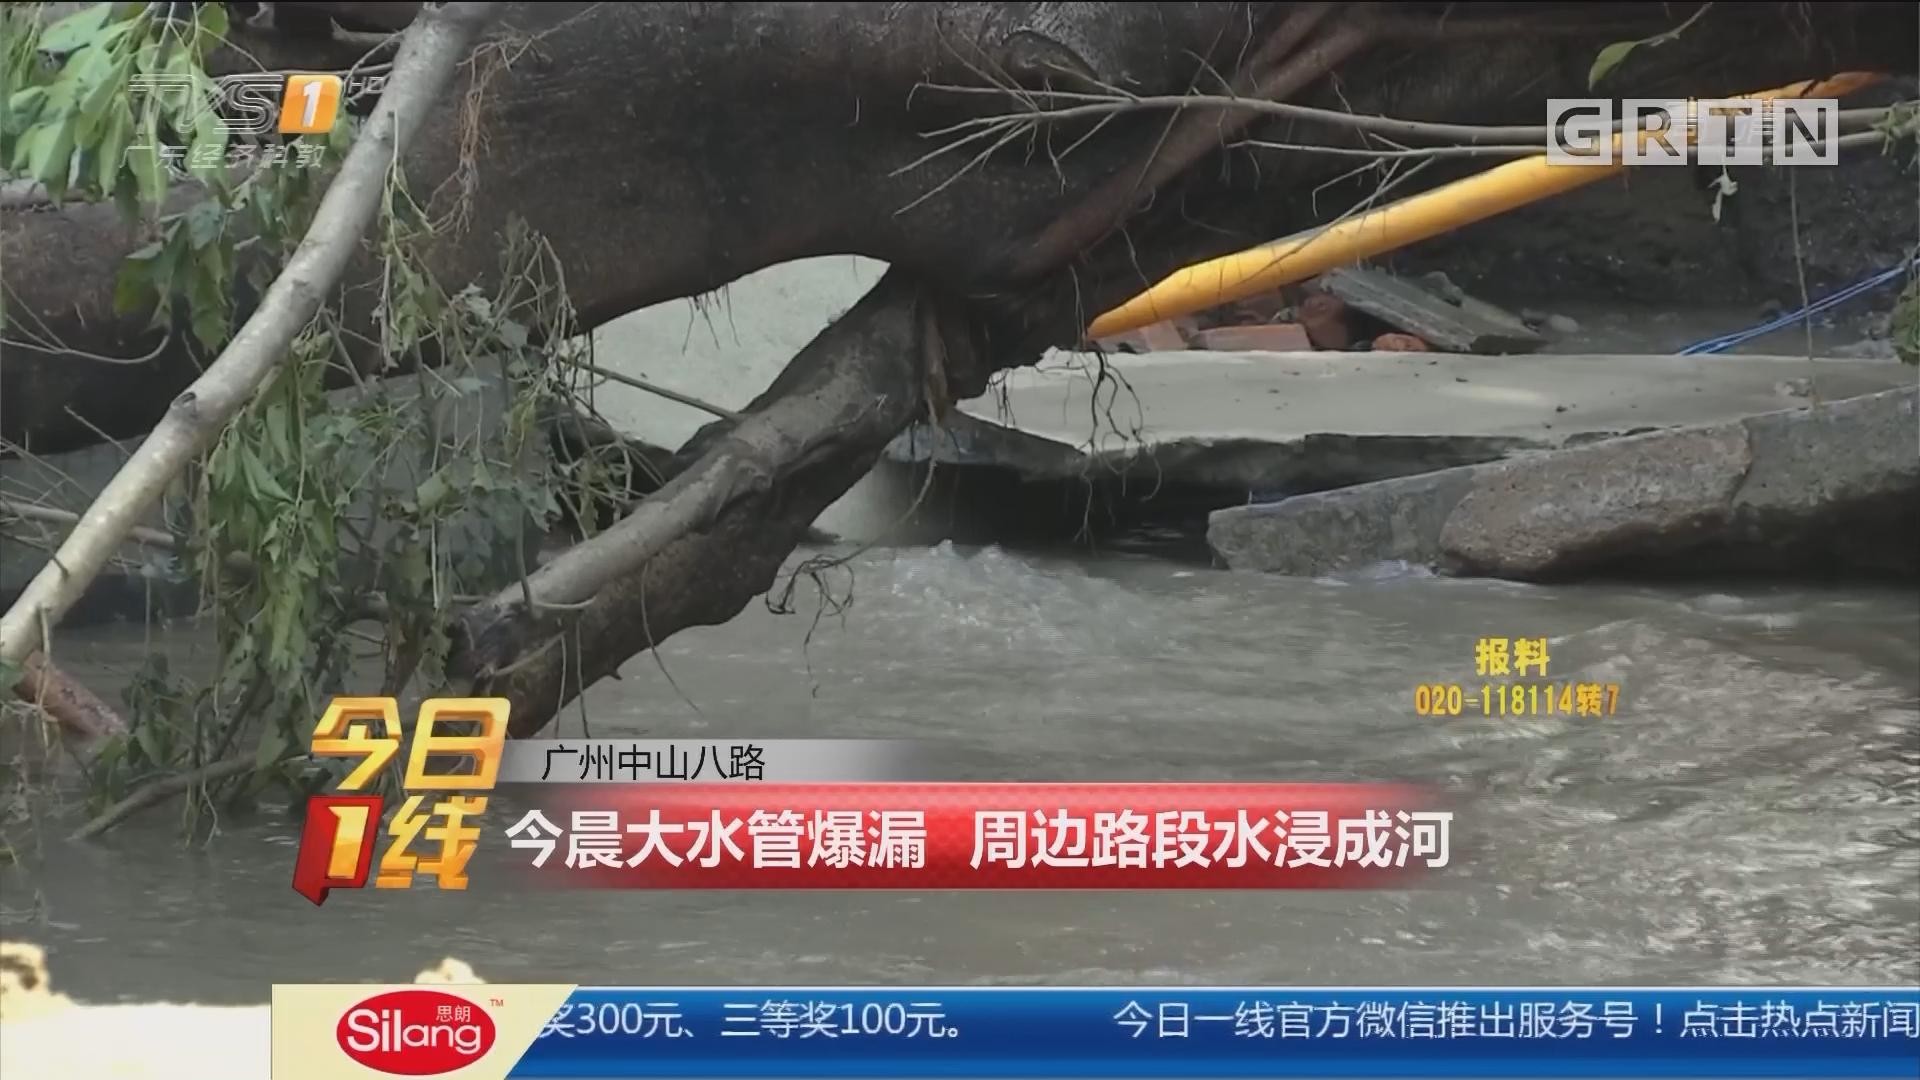 广州中山八路 今晨大水管爆漏 周边路段水浸成河